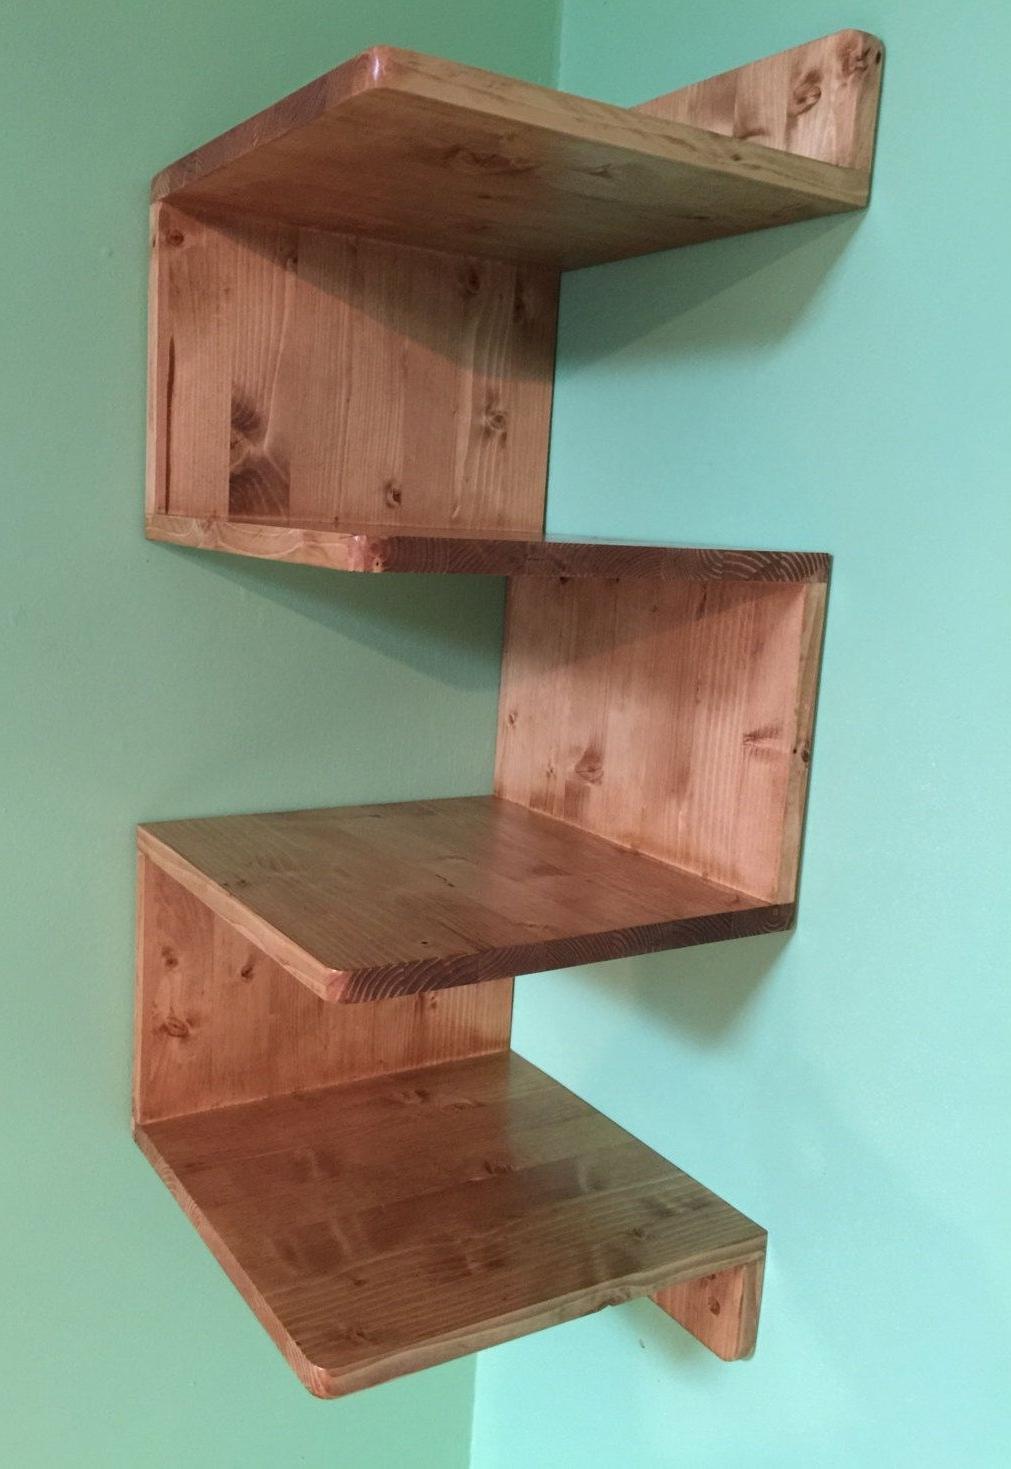 Solid Oak Shelves Intended For Newest Zig Zag Corner Shelf, Custommade Shelves, Handmade Corner Shelf (View 10 of 15)